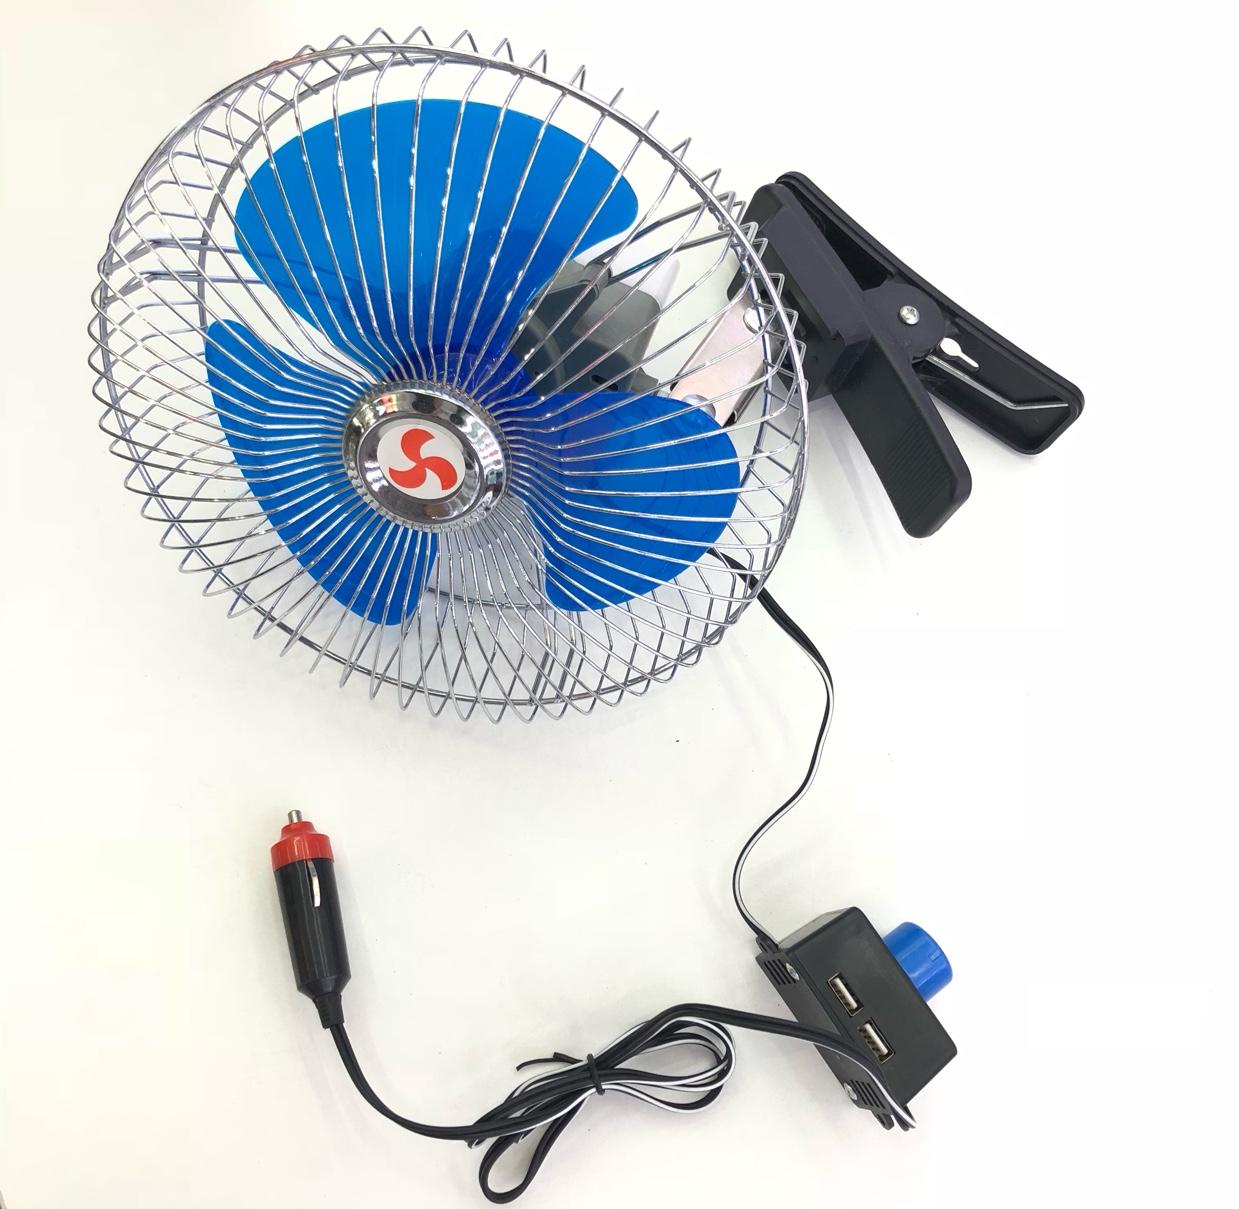 车载风扇汽车用电风扇12v 24伏货车车内车上用的小吊扇制冷大风量